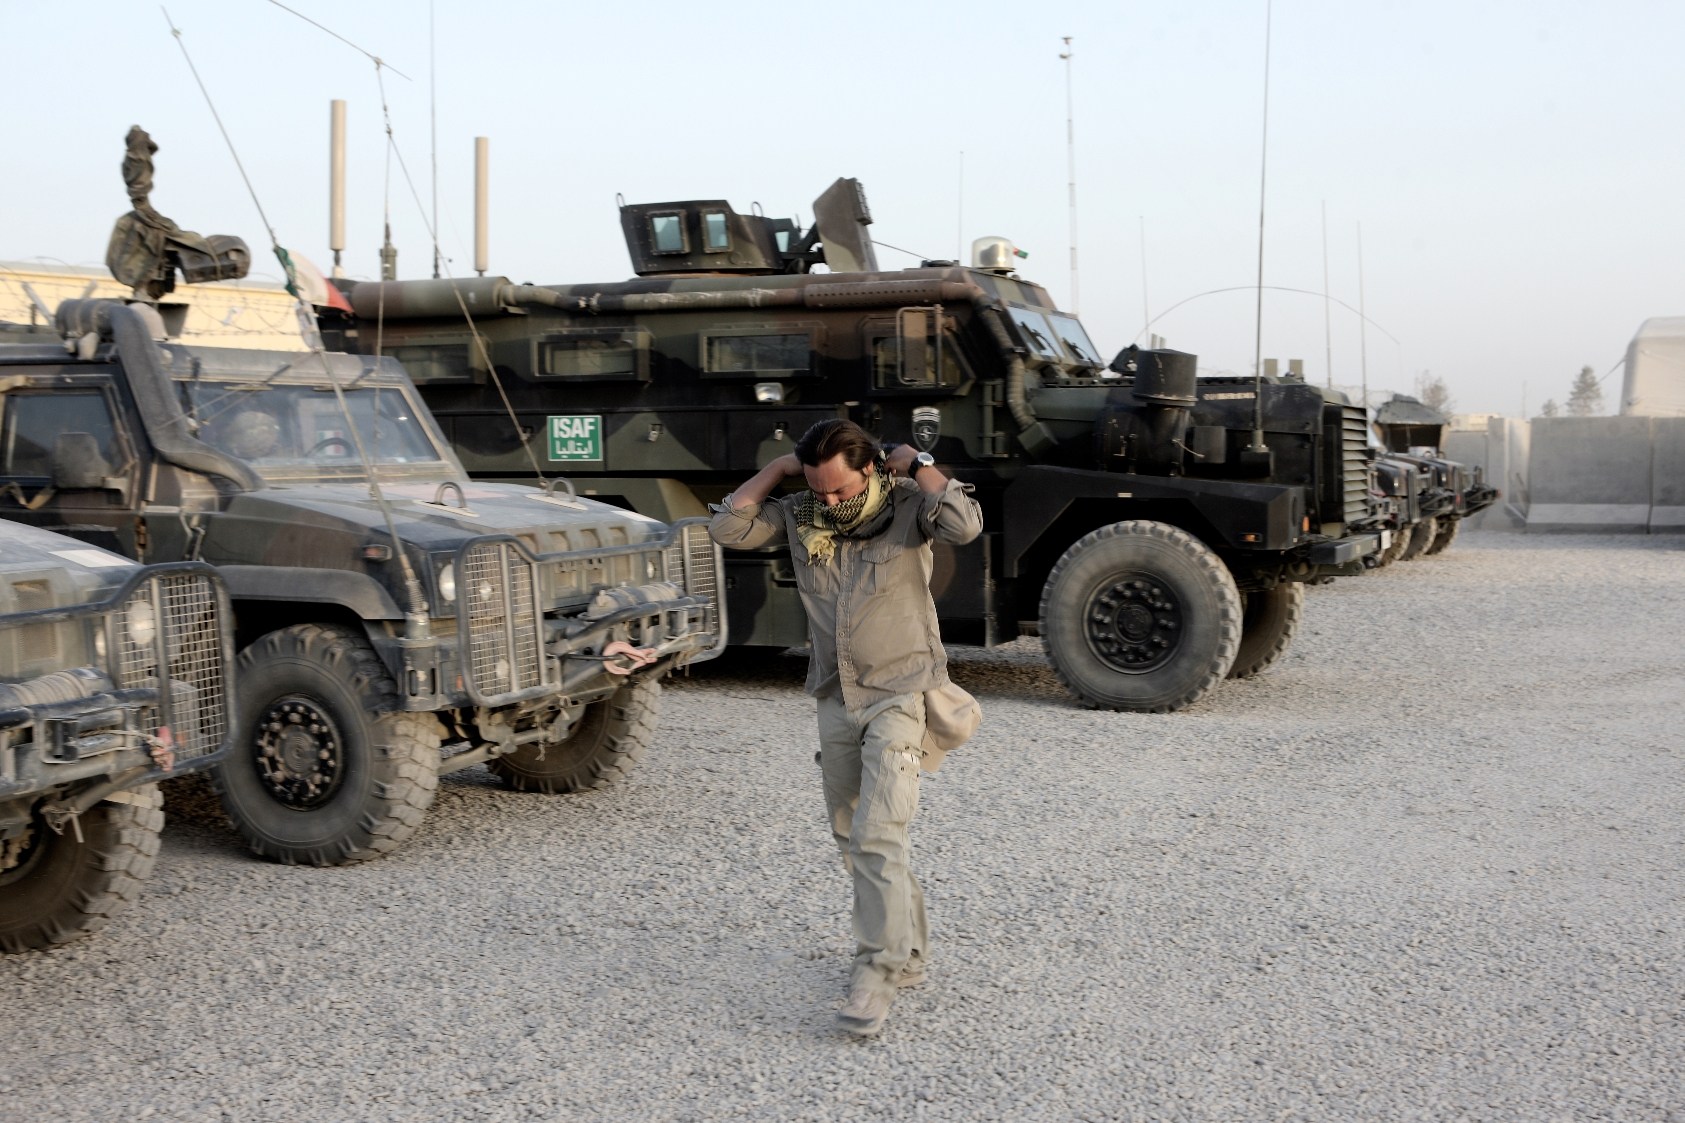 datazione soldati in Afghanistan sito Web di incontri private label